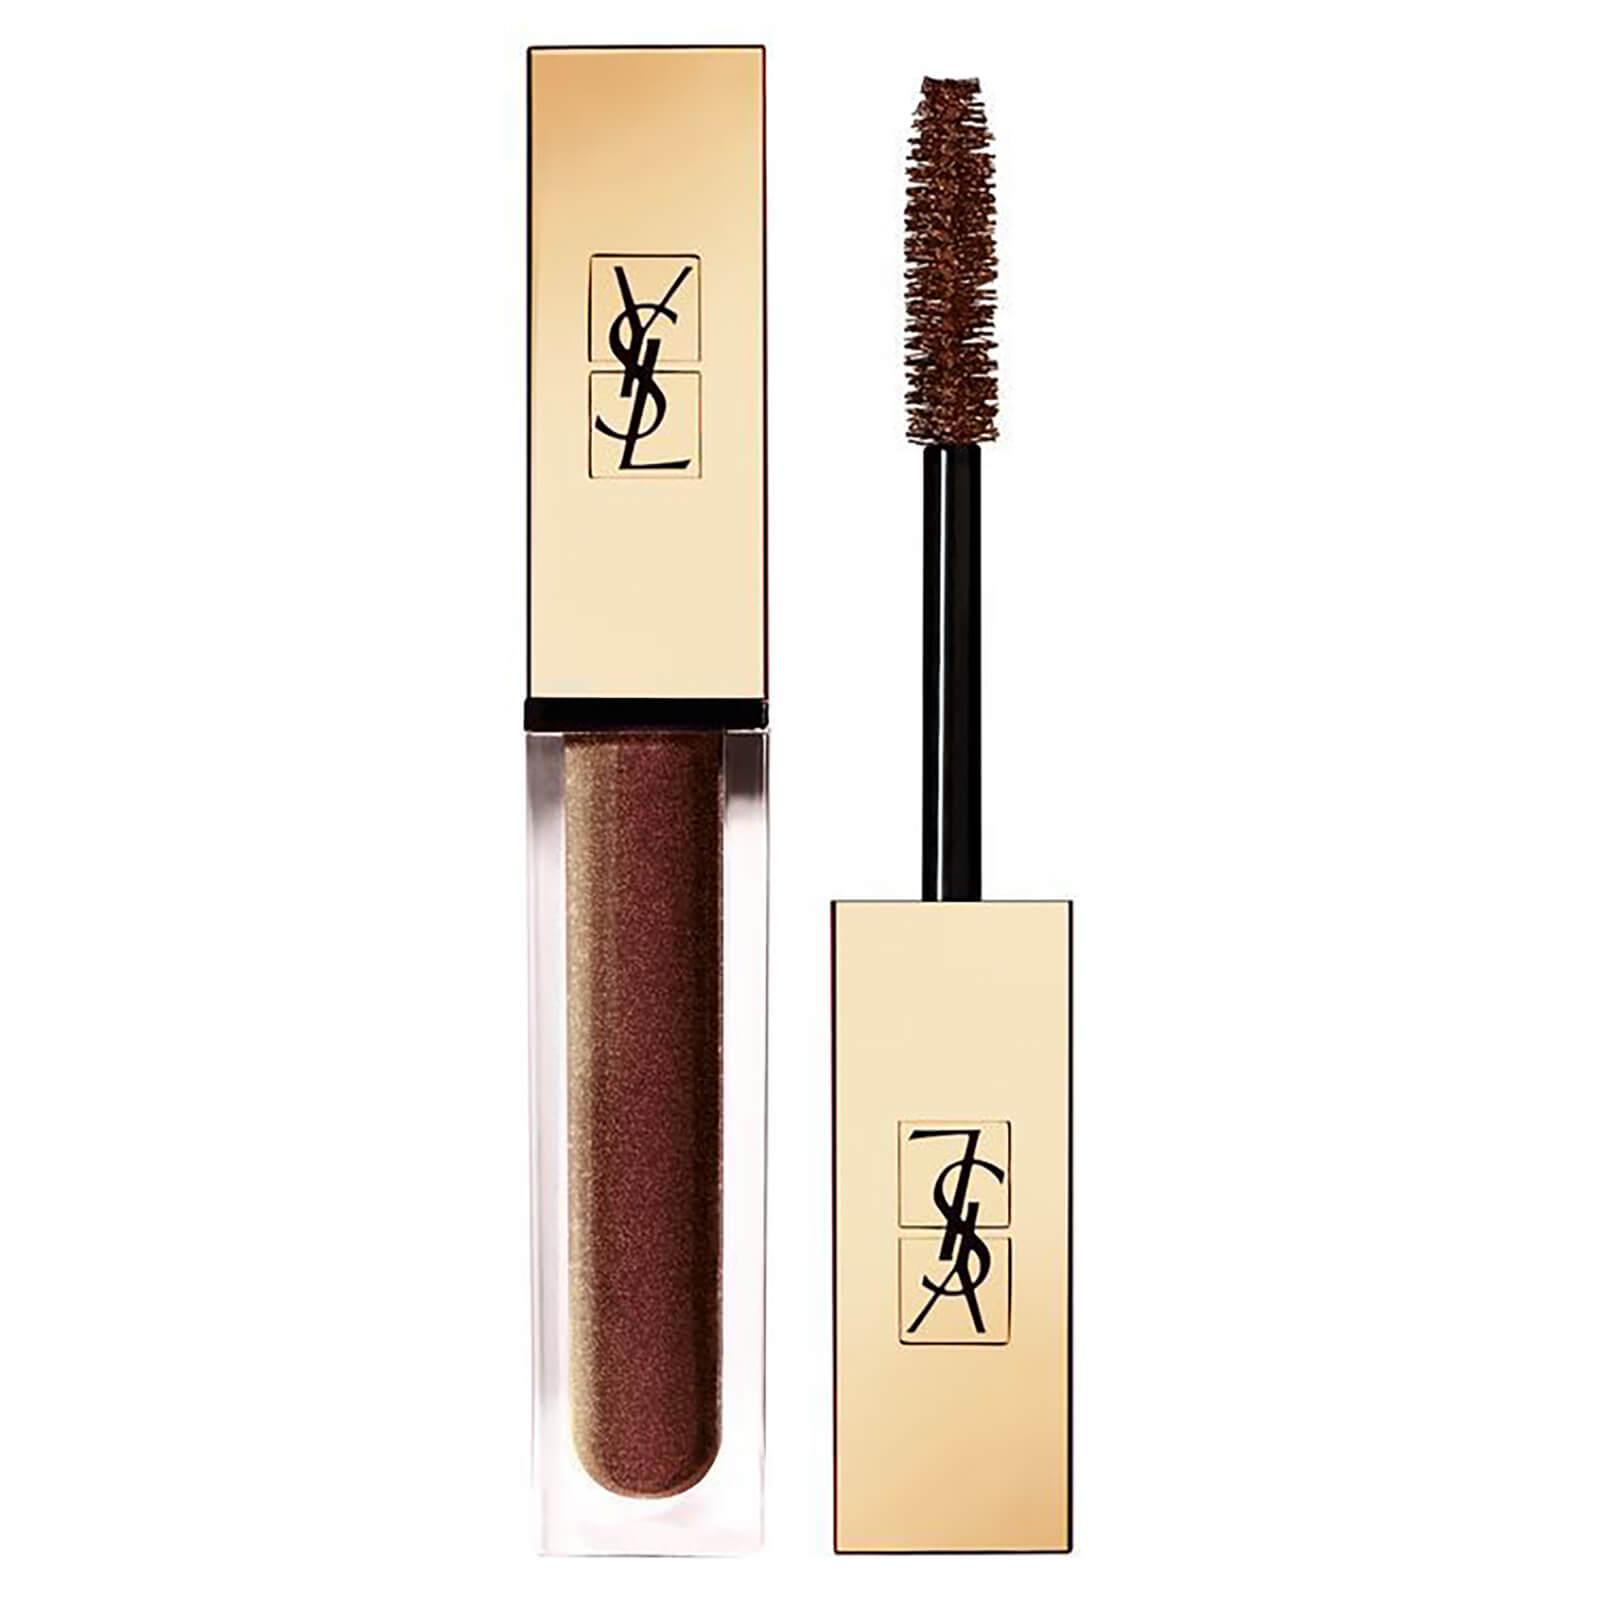 YSL Mascara Vinyl Couture Yves Saint Laurent (plusieurs teintes disponibles) - 4